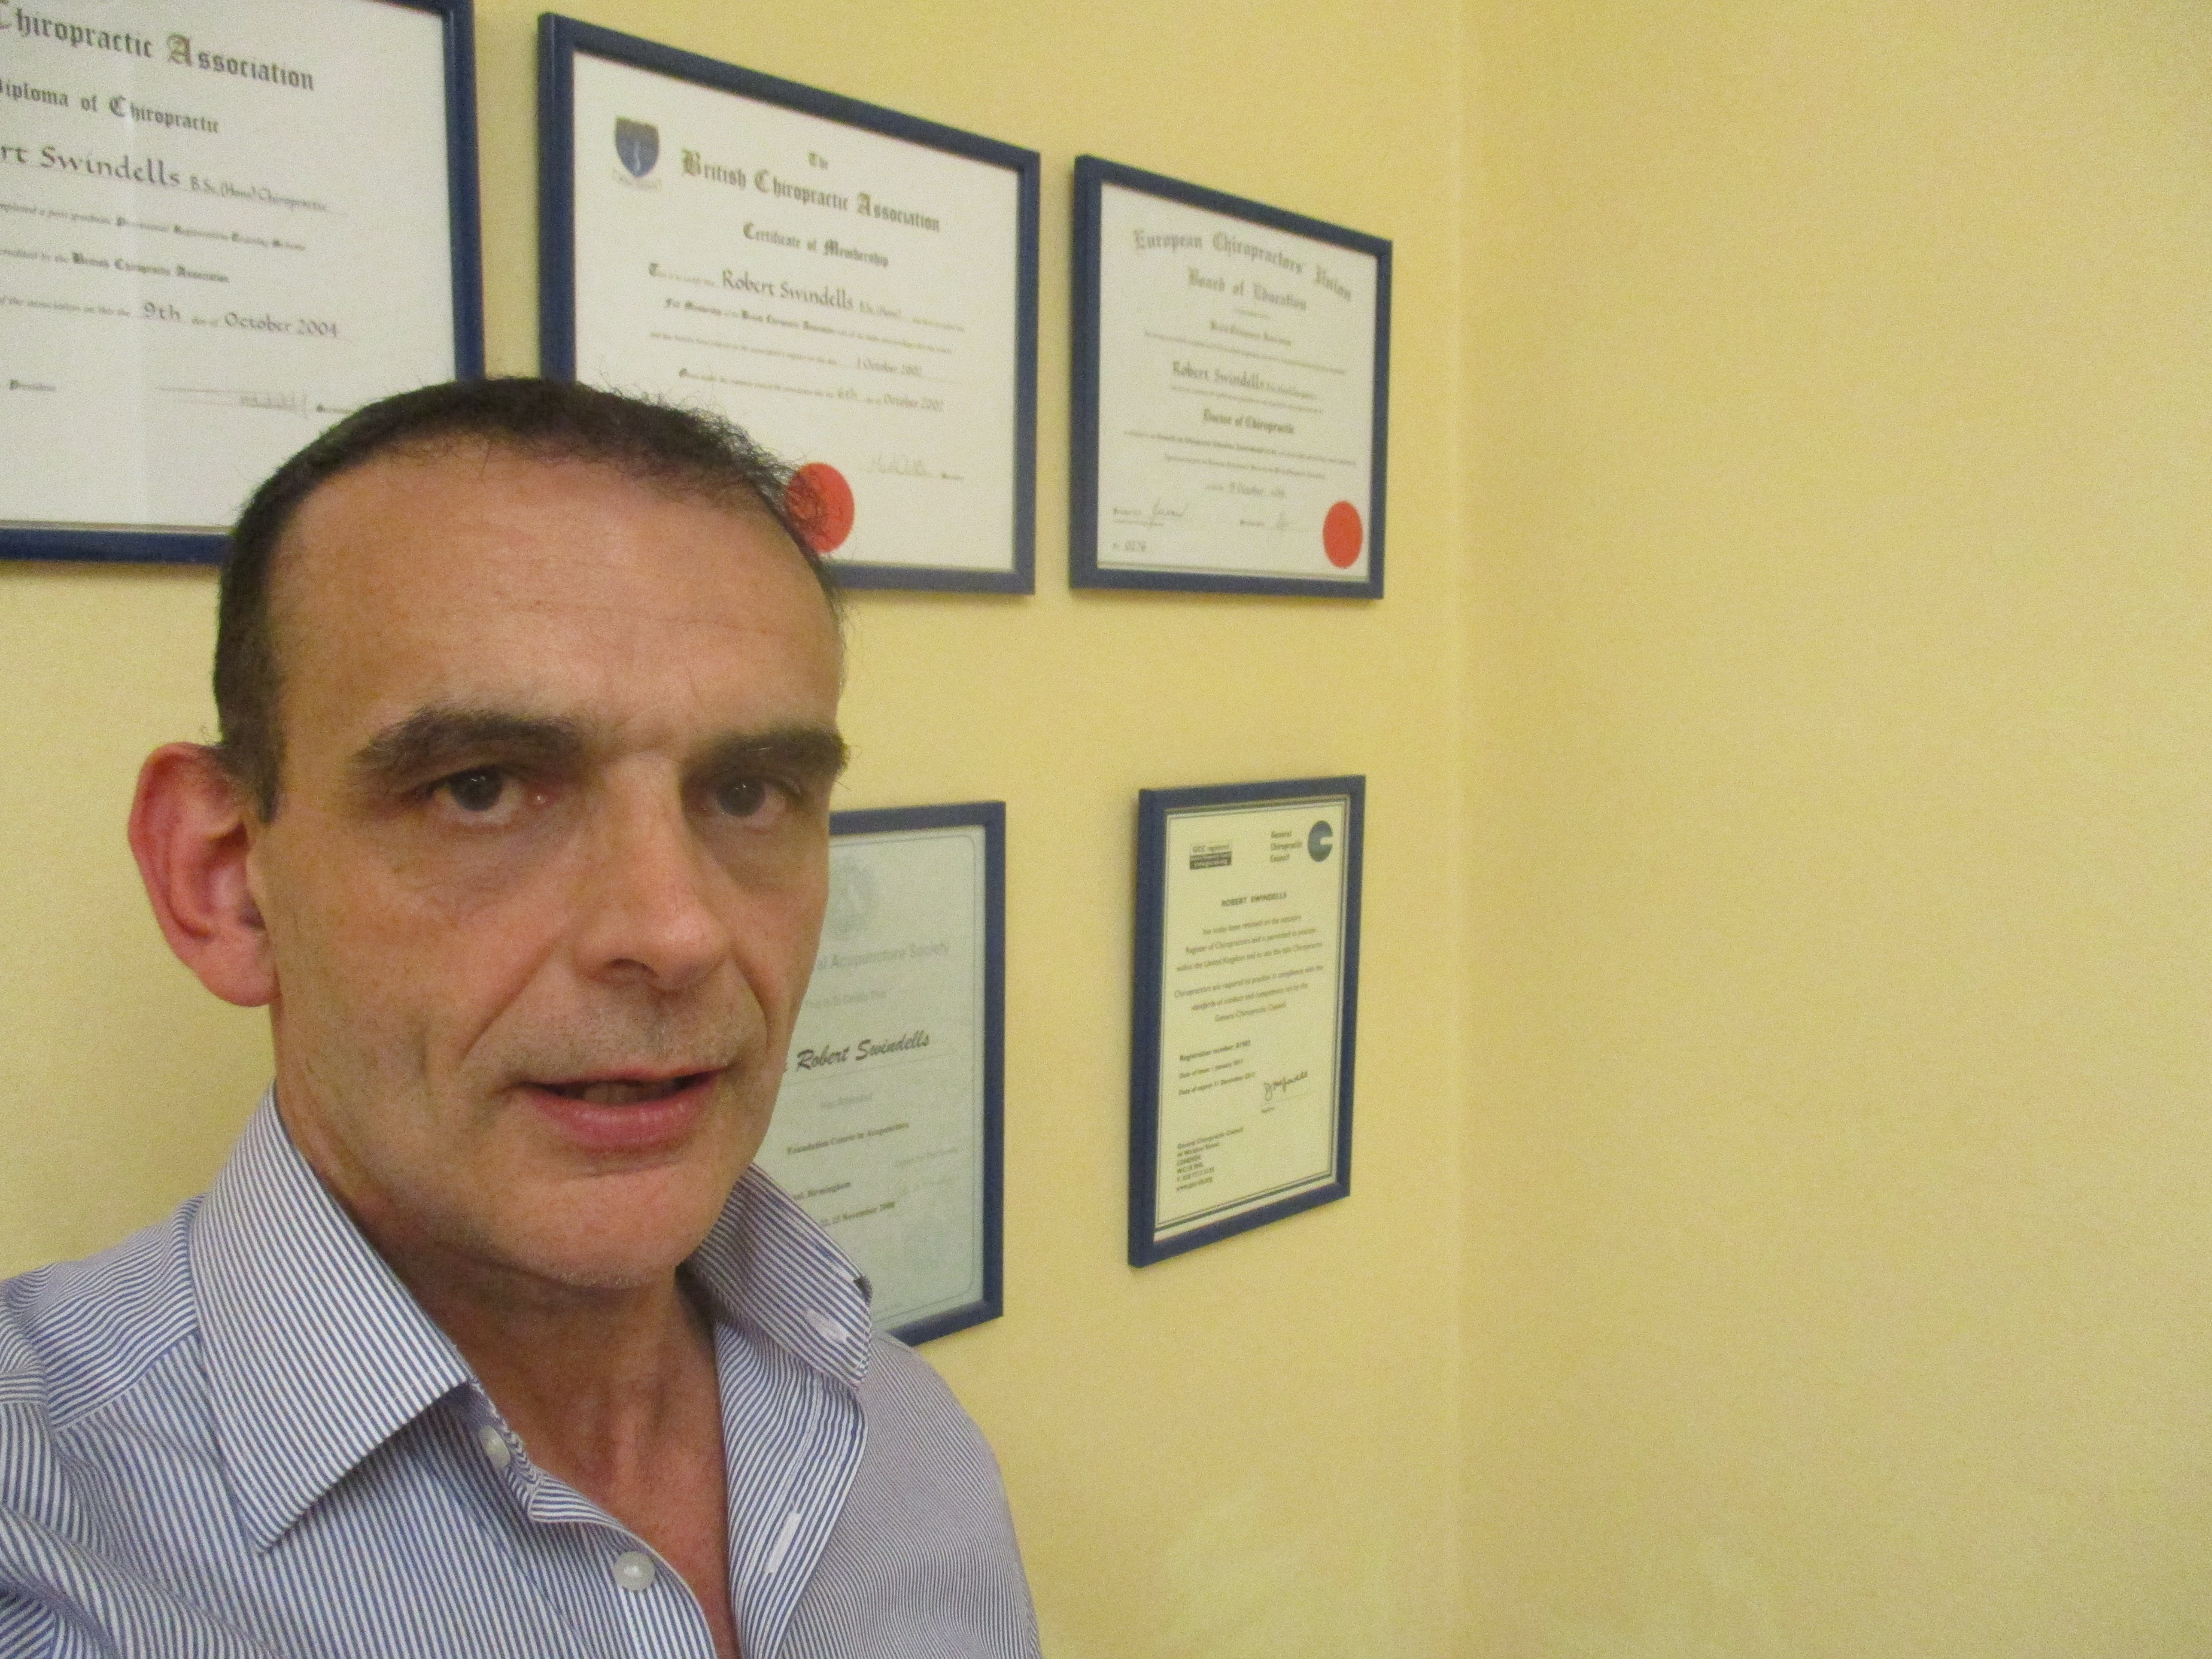 Chiropractor Robert Swindells